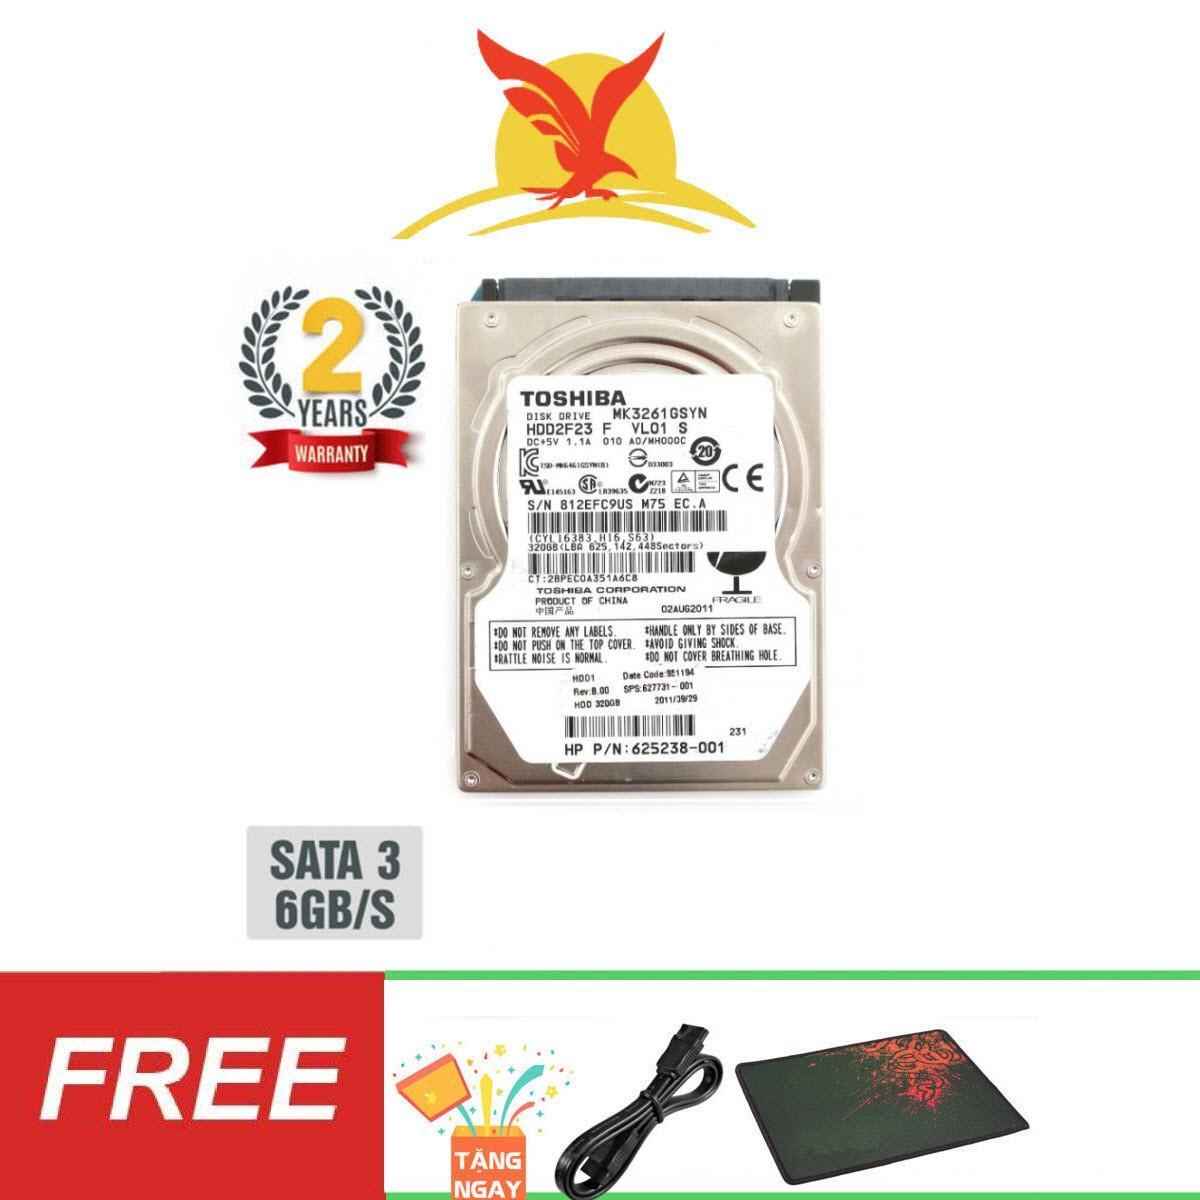 Ổ cứng gắn trong Laptop HDD Toshiba 320GB SATA 6Gb/s - Tặng: Cáp Sata, Lót Chuột